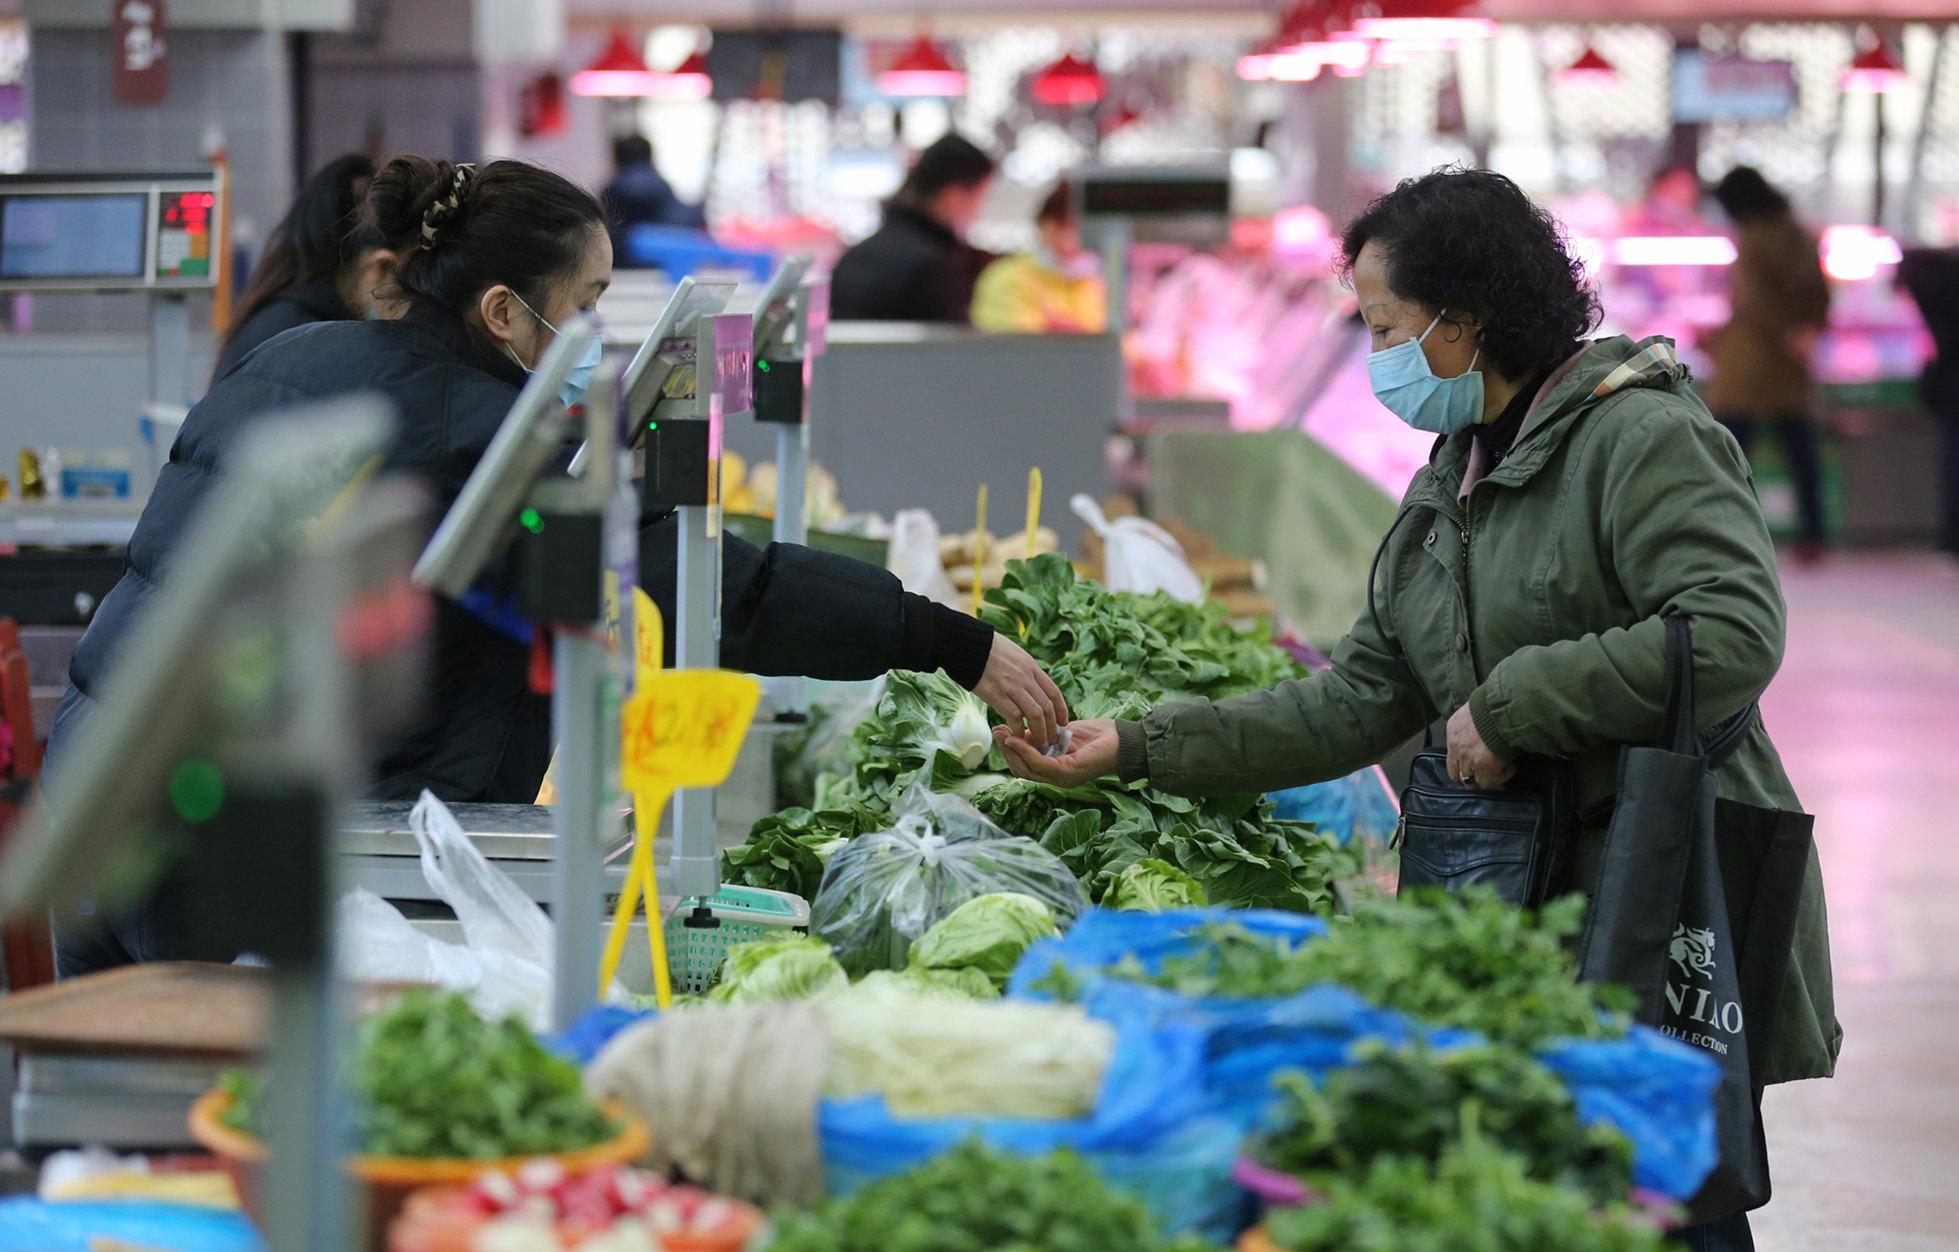 3月菜肉价格齐降  南京食品价格下降4.1%